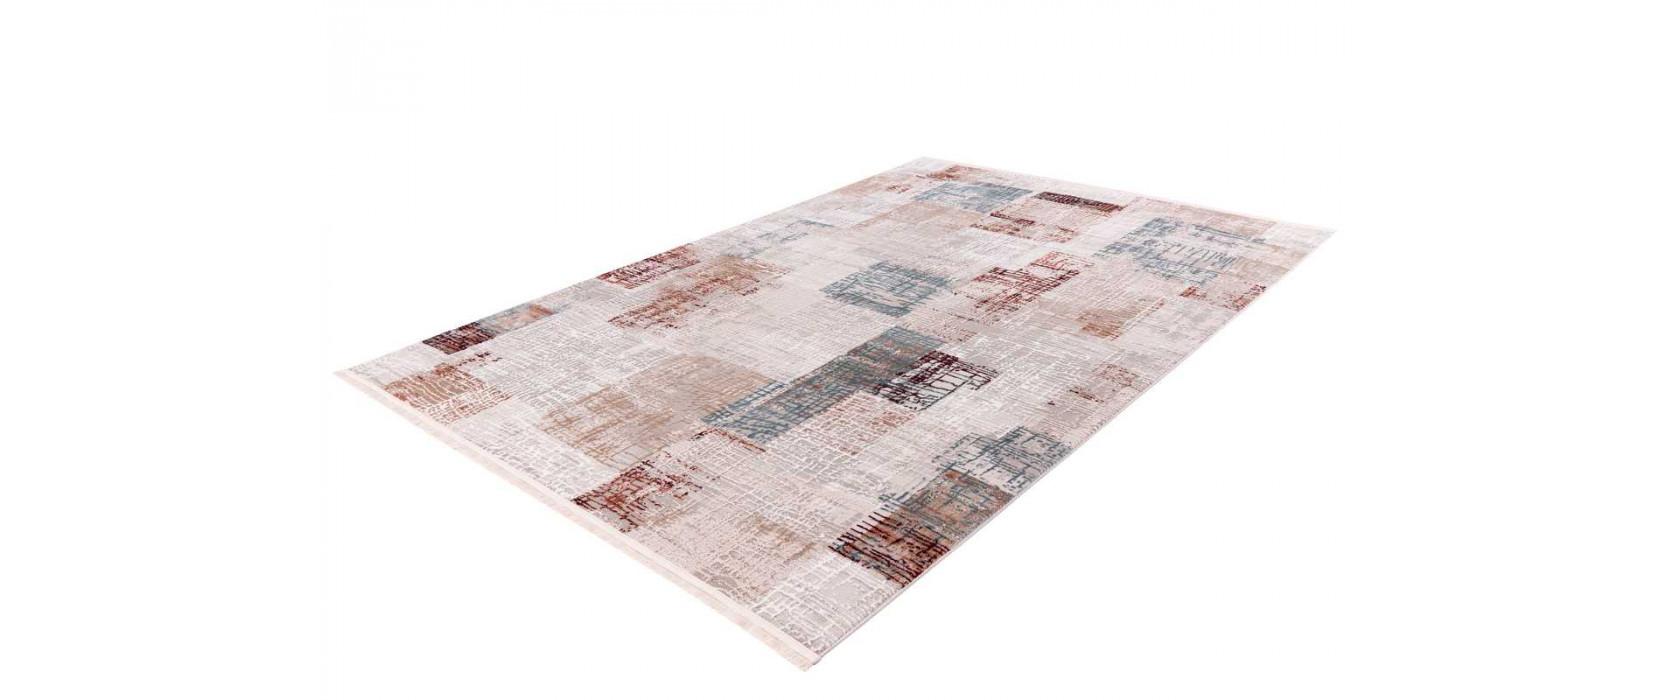 Ковер Akropolis 425 Grey/Salmon Pink 160х230 см